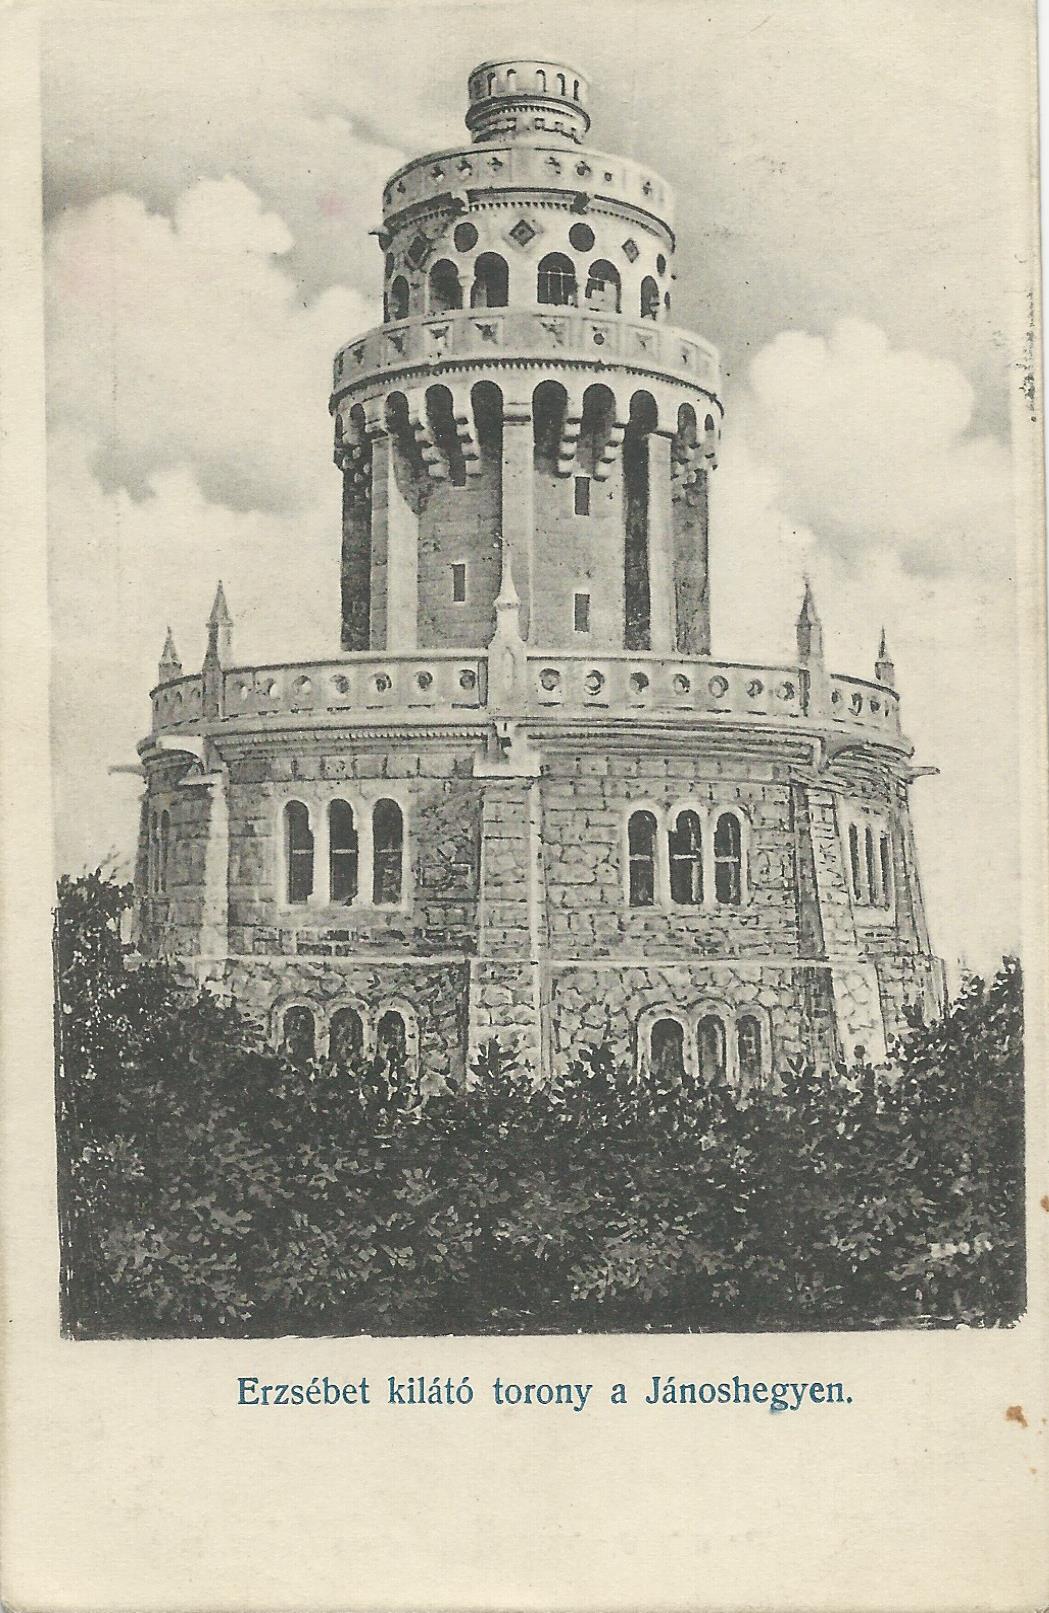 A képeslapon a Jánoshegyen lévő Erzsébet kilátó látható 1911-ből. Hátoldalán Kozár Mihály pecsétje látszik a bal felső sarokban.